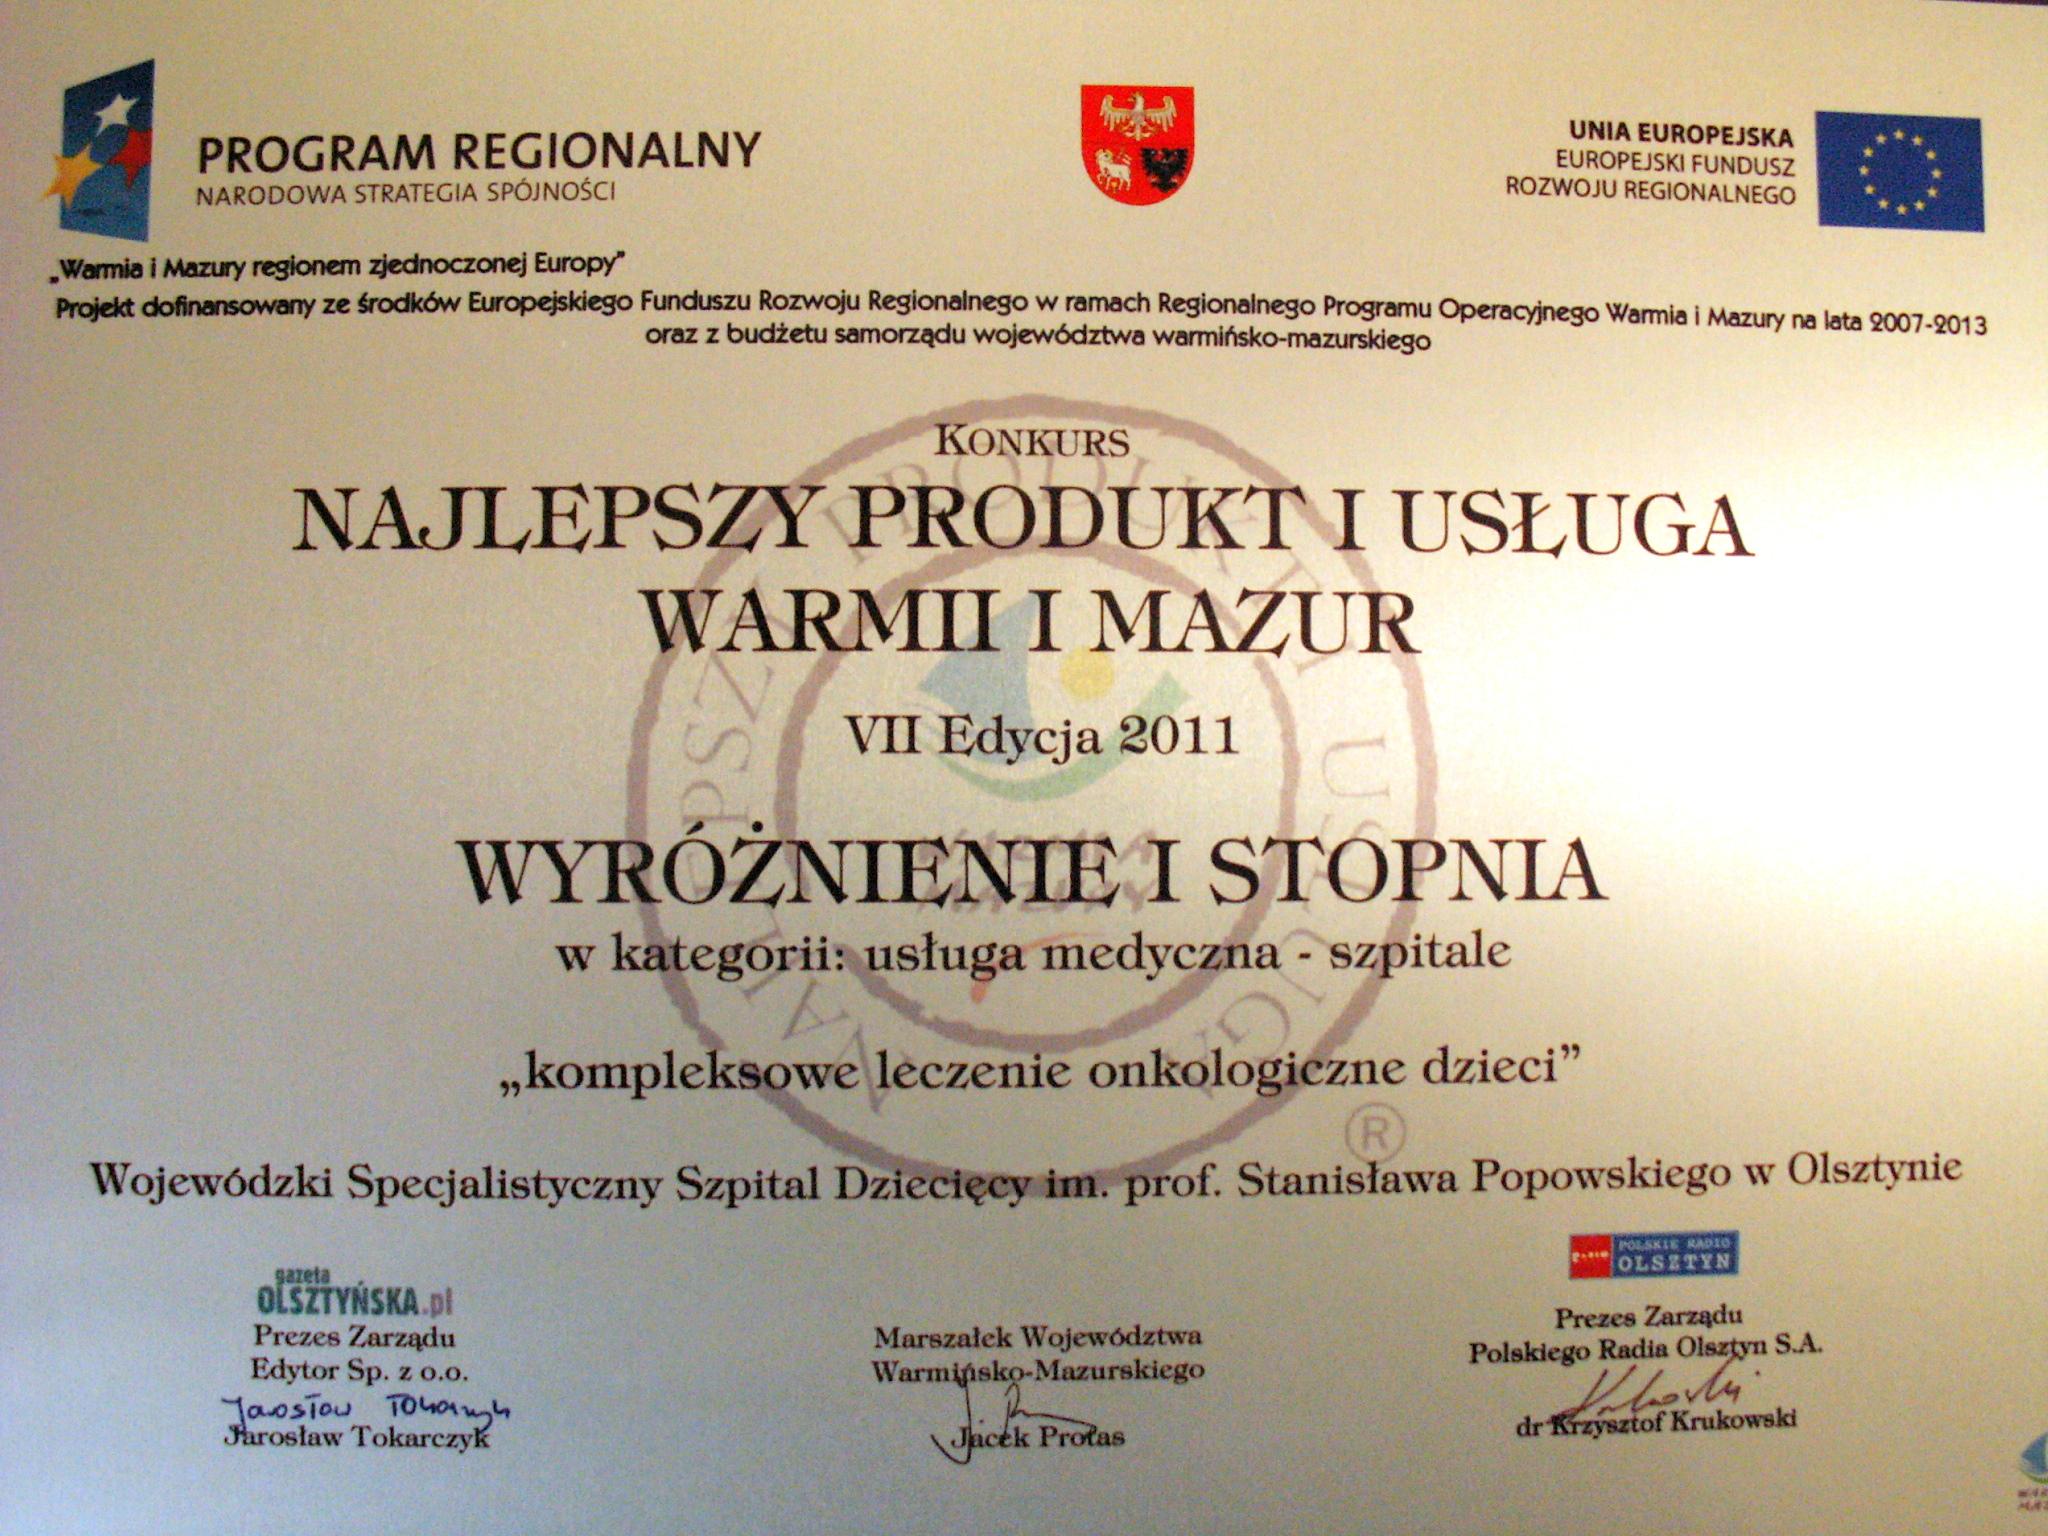 """Wyróżnienie I stopnia w VII edycji konkursu """"Najlepszy Produkt i Usługa Warmii i Mazur 2011"""" w kategorii"""